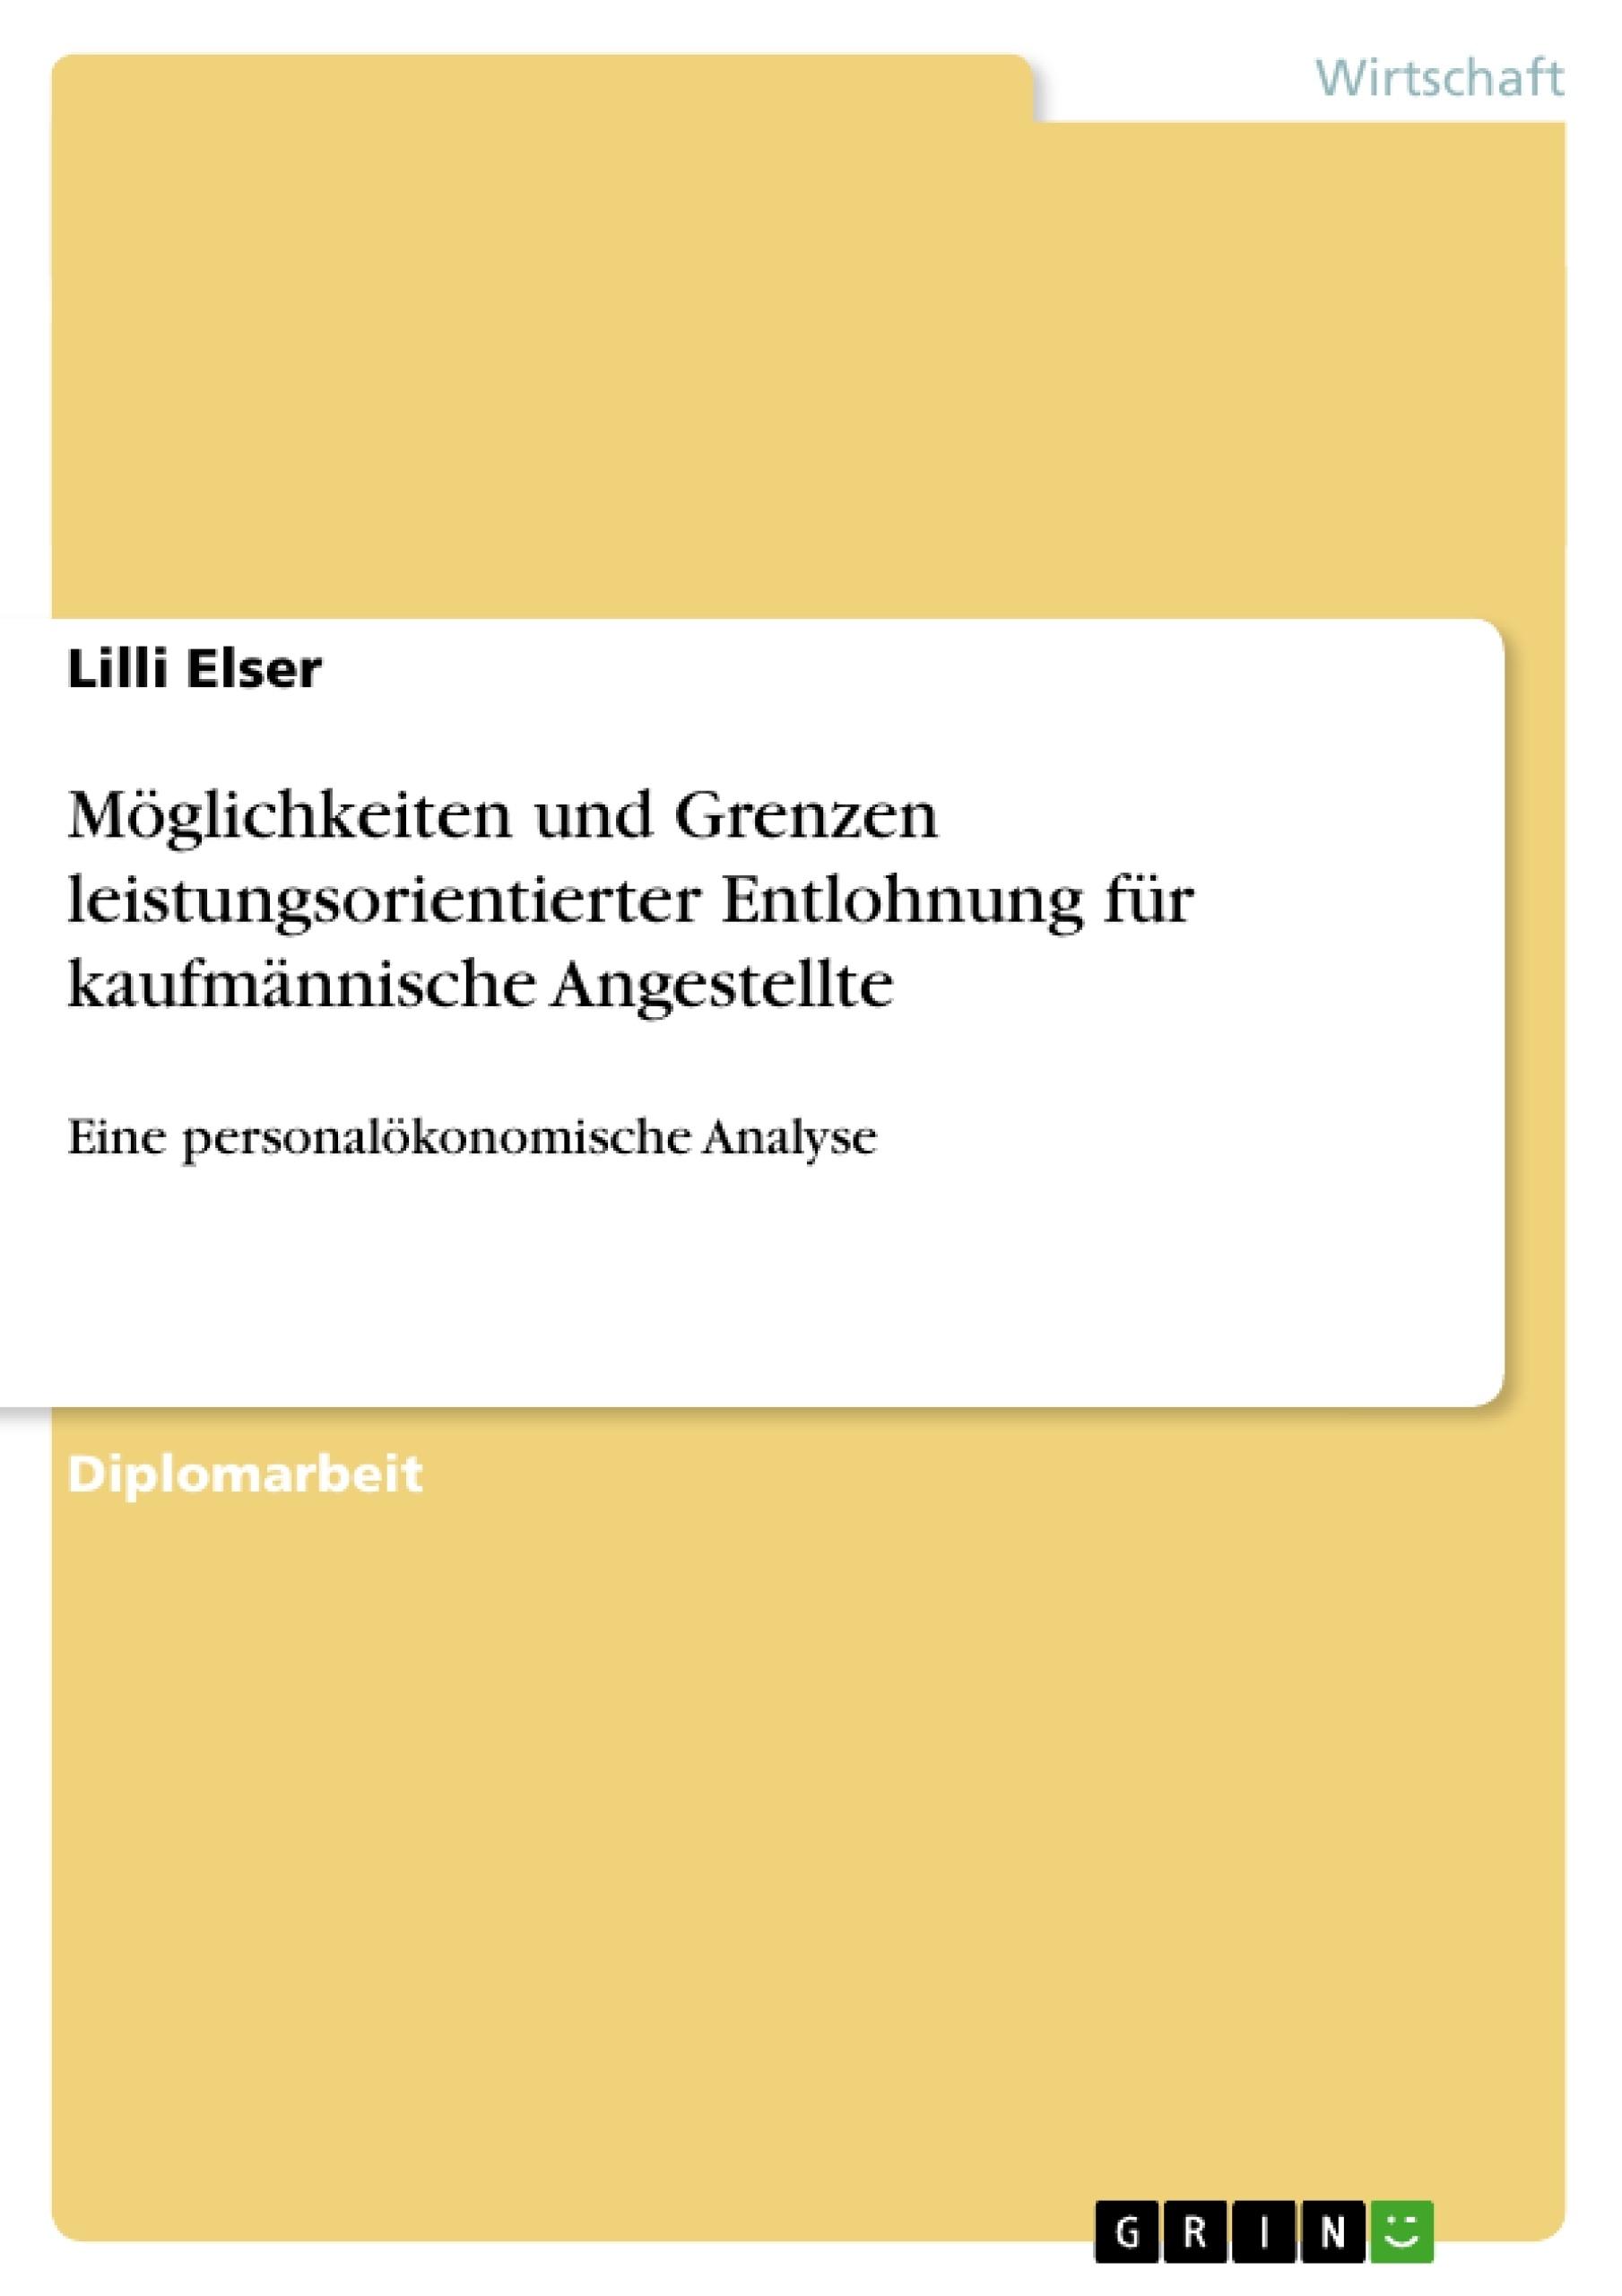 Titel: Möglichkeiten und Grenzen leistungsorientierter Entlohnung für kaufmännische Angestellte